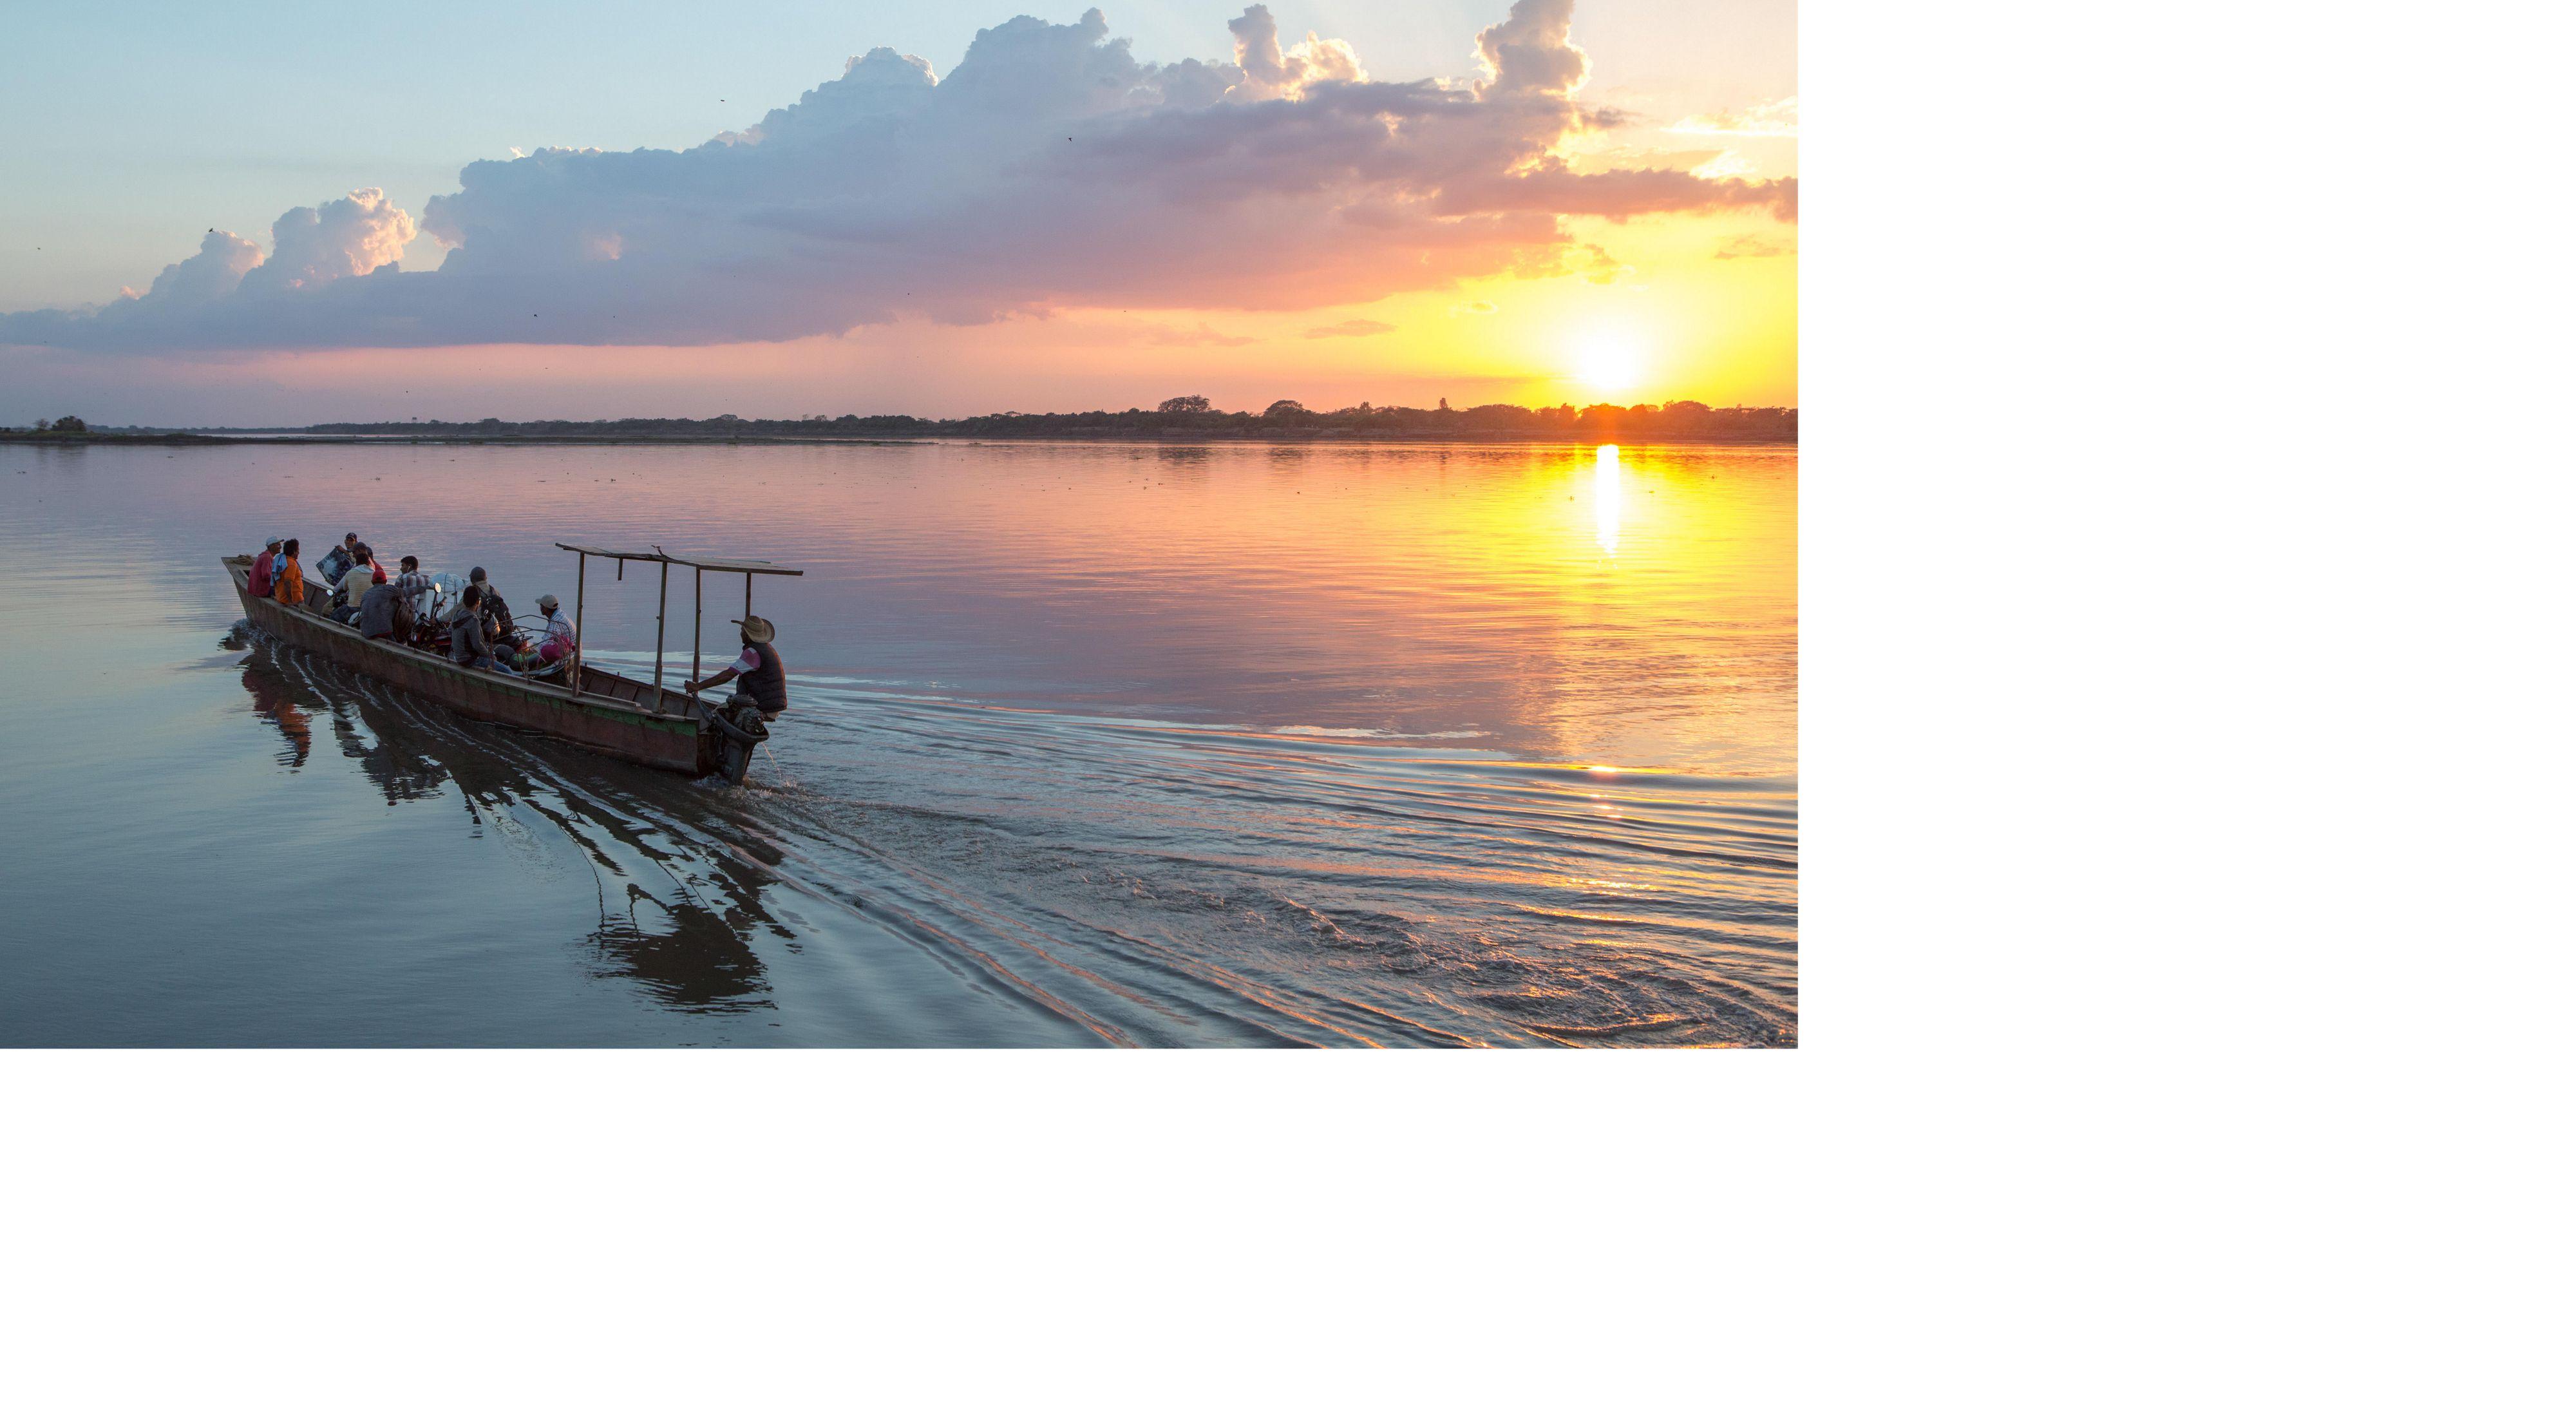 Los residentes locales cruzan el río Magdalena utilizando un ferry cerca de la ciudad de Pinto en la Depresión de Mompox.